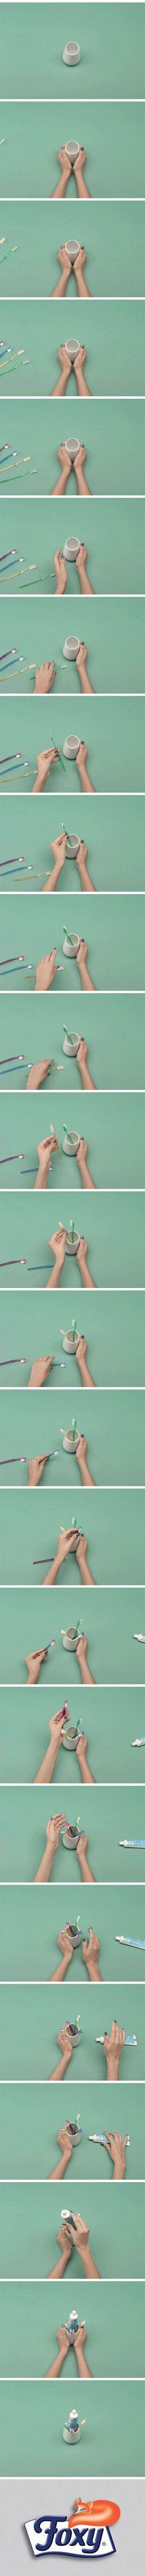 Che siano elettrici o meno, gli spazzolini da denti vengono usati quotidianamente. Sai che tenerli in ordine ti permette di risparmiare tempo ogni giorno? Scopri come su http://www.foxymega.it/organize/impara-come-organizzarlo.php?id=Spazzolini #foxy #organize #bagno #spazzolino #denti #lavandino #spazio #acqua #organization #ideas #home #space